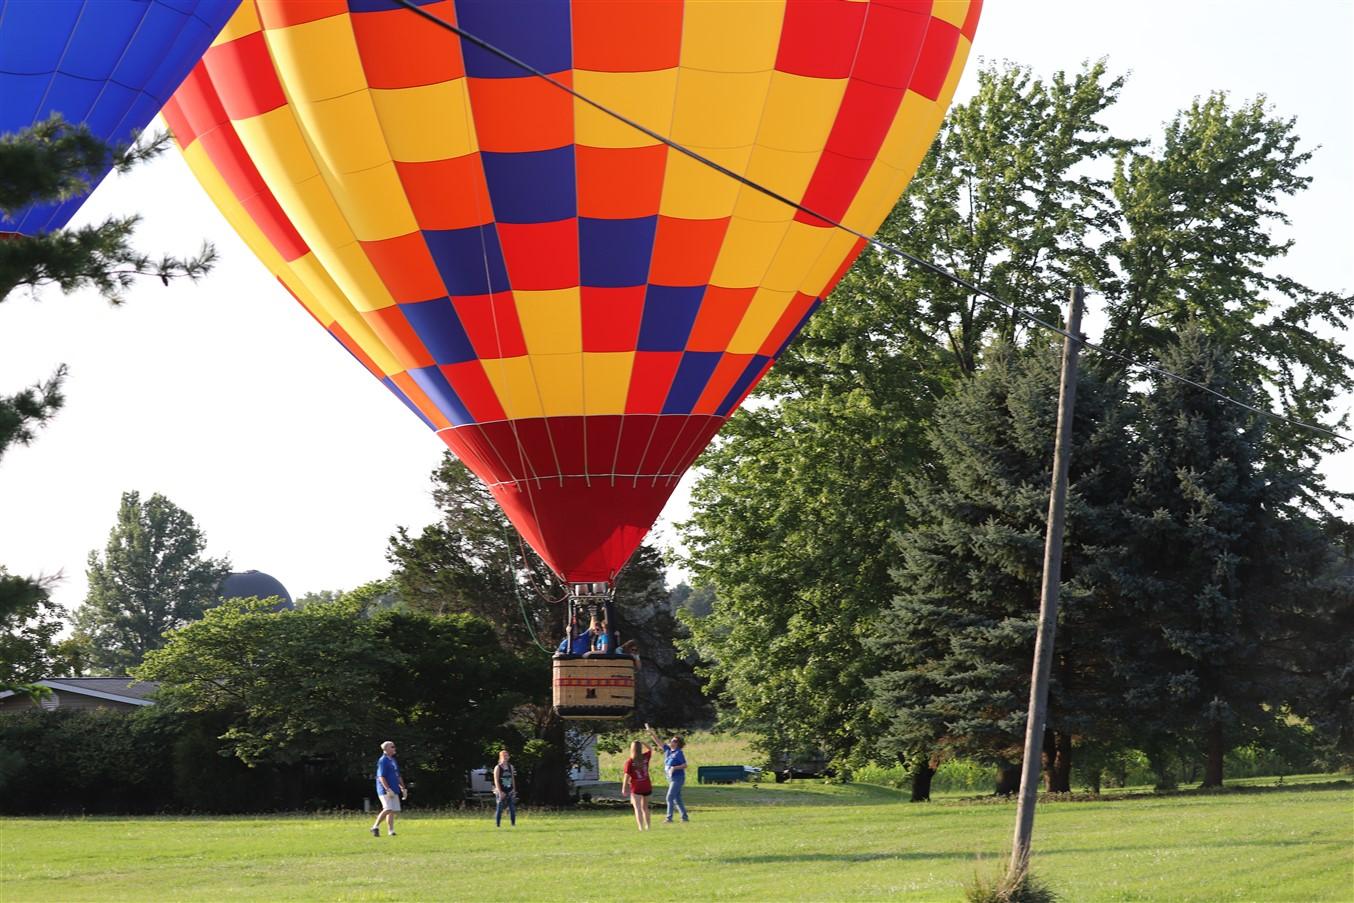 2018 08 11 261 Marysville OH Balloon Festival.jpg